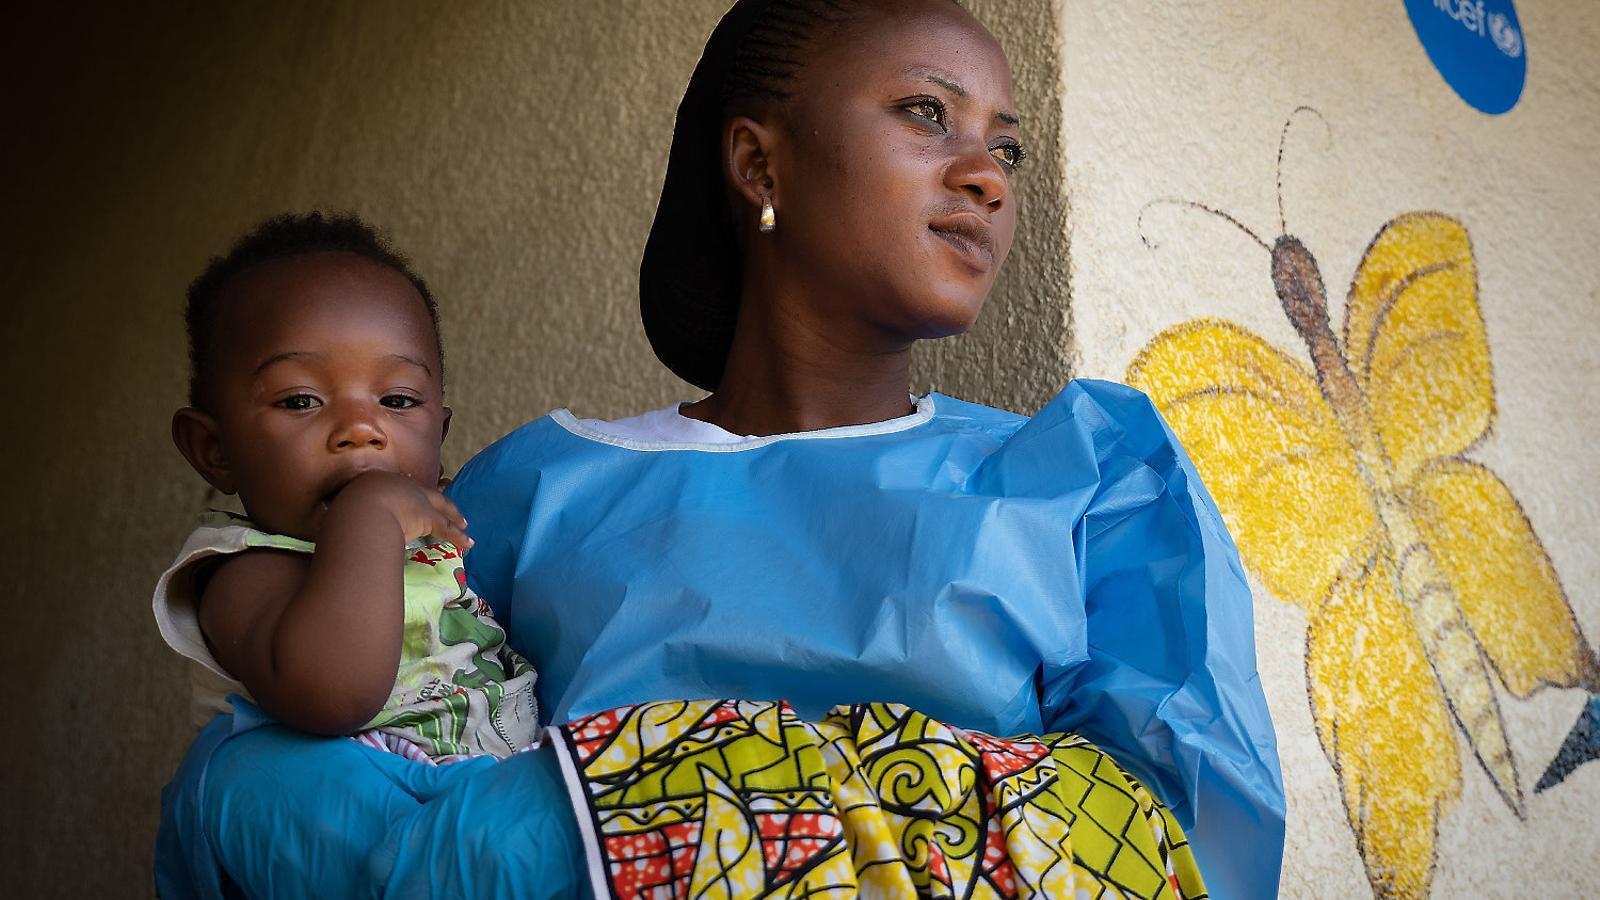 Els nins representen més d'un terç dels casos d'Ebola